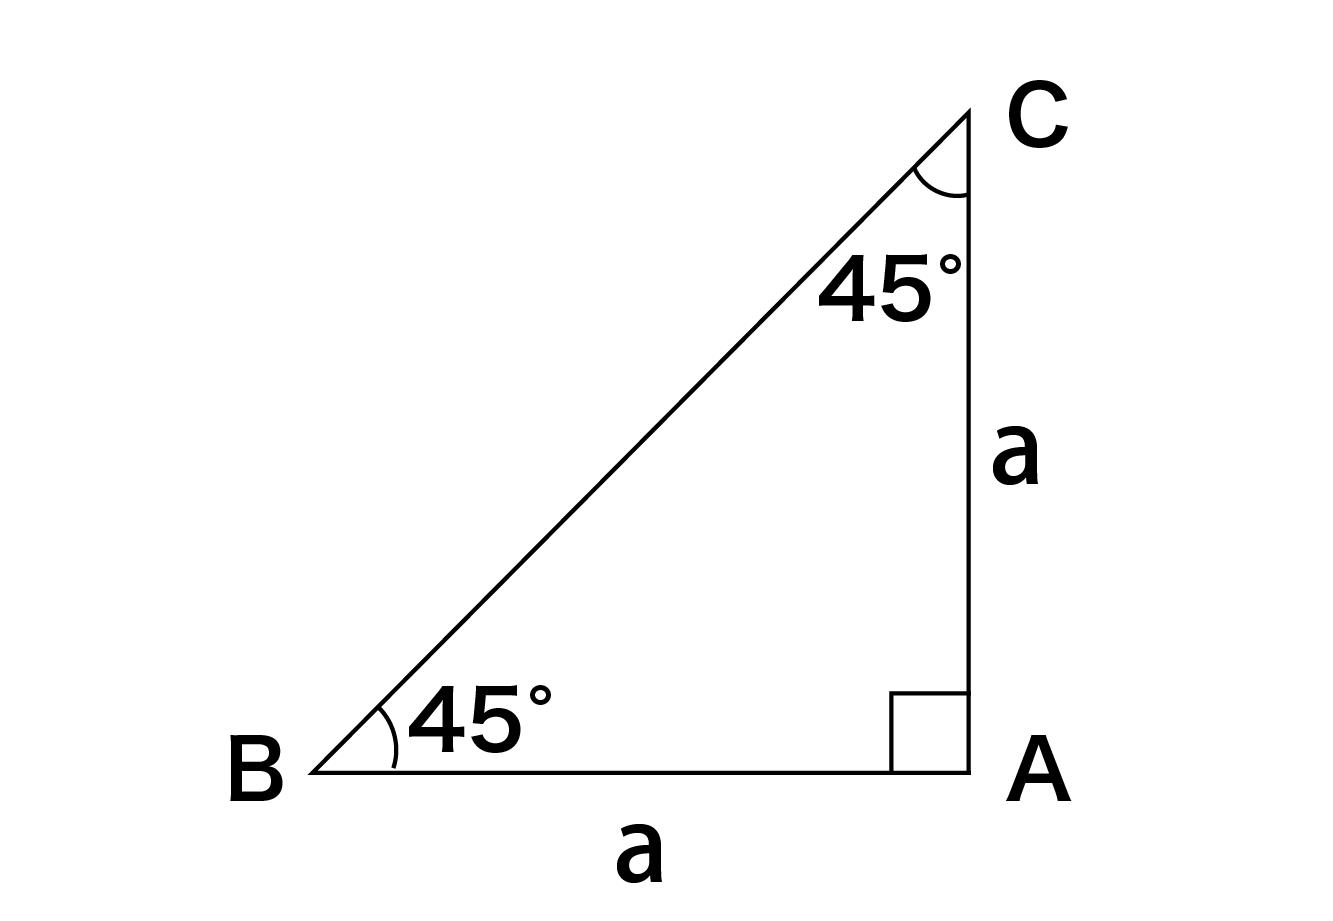 直角二等辺三角形の面積の公式(求め方)